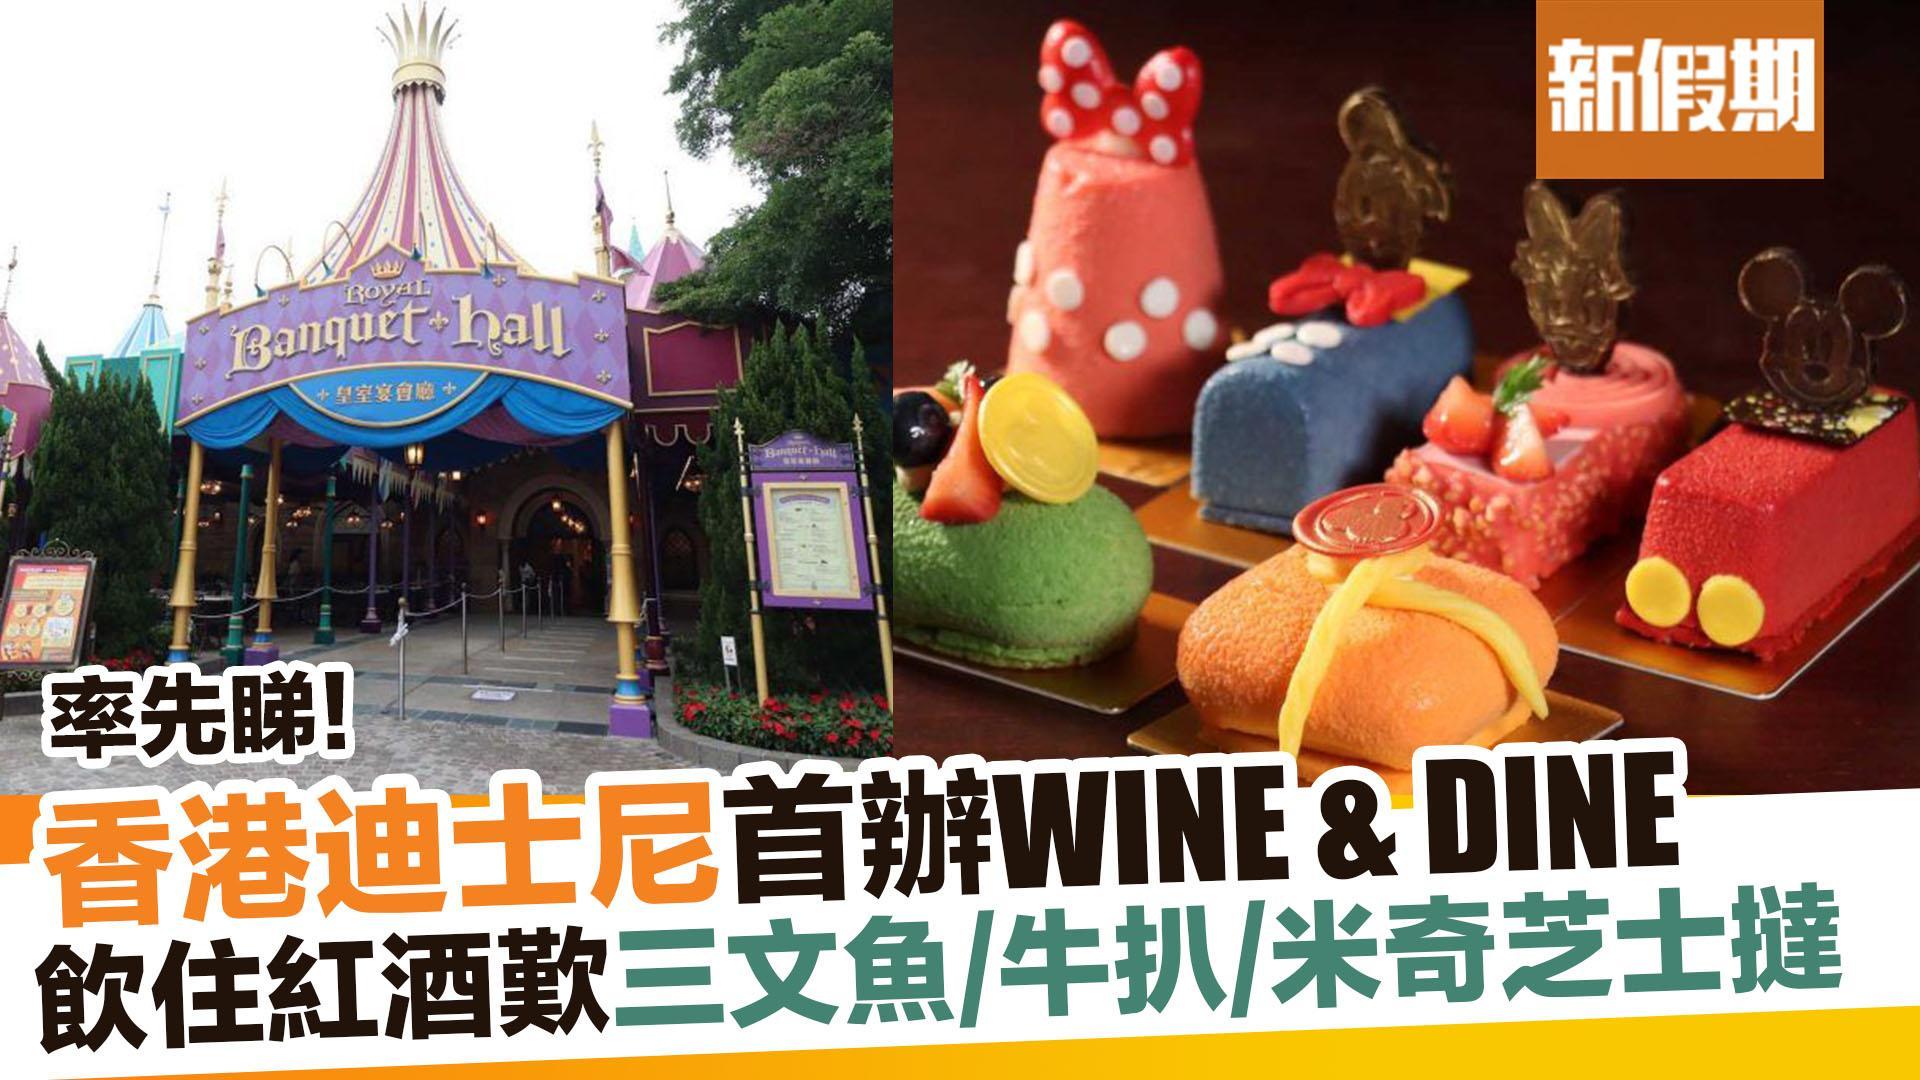 【香港好去處】香港迪士尼樂園「皇室佳釀美食節」即將開鑼! 新假期